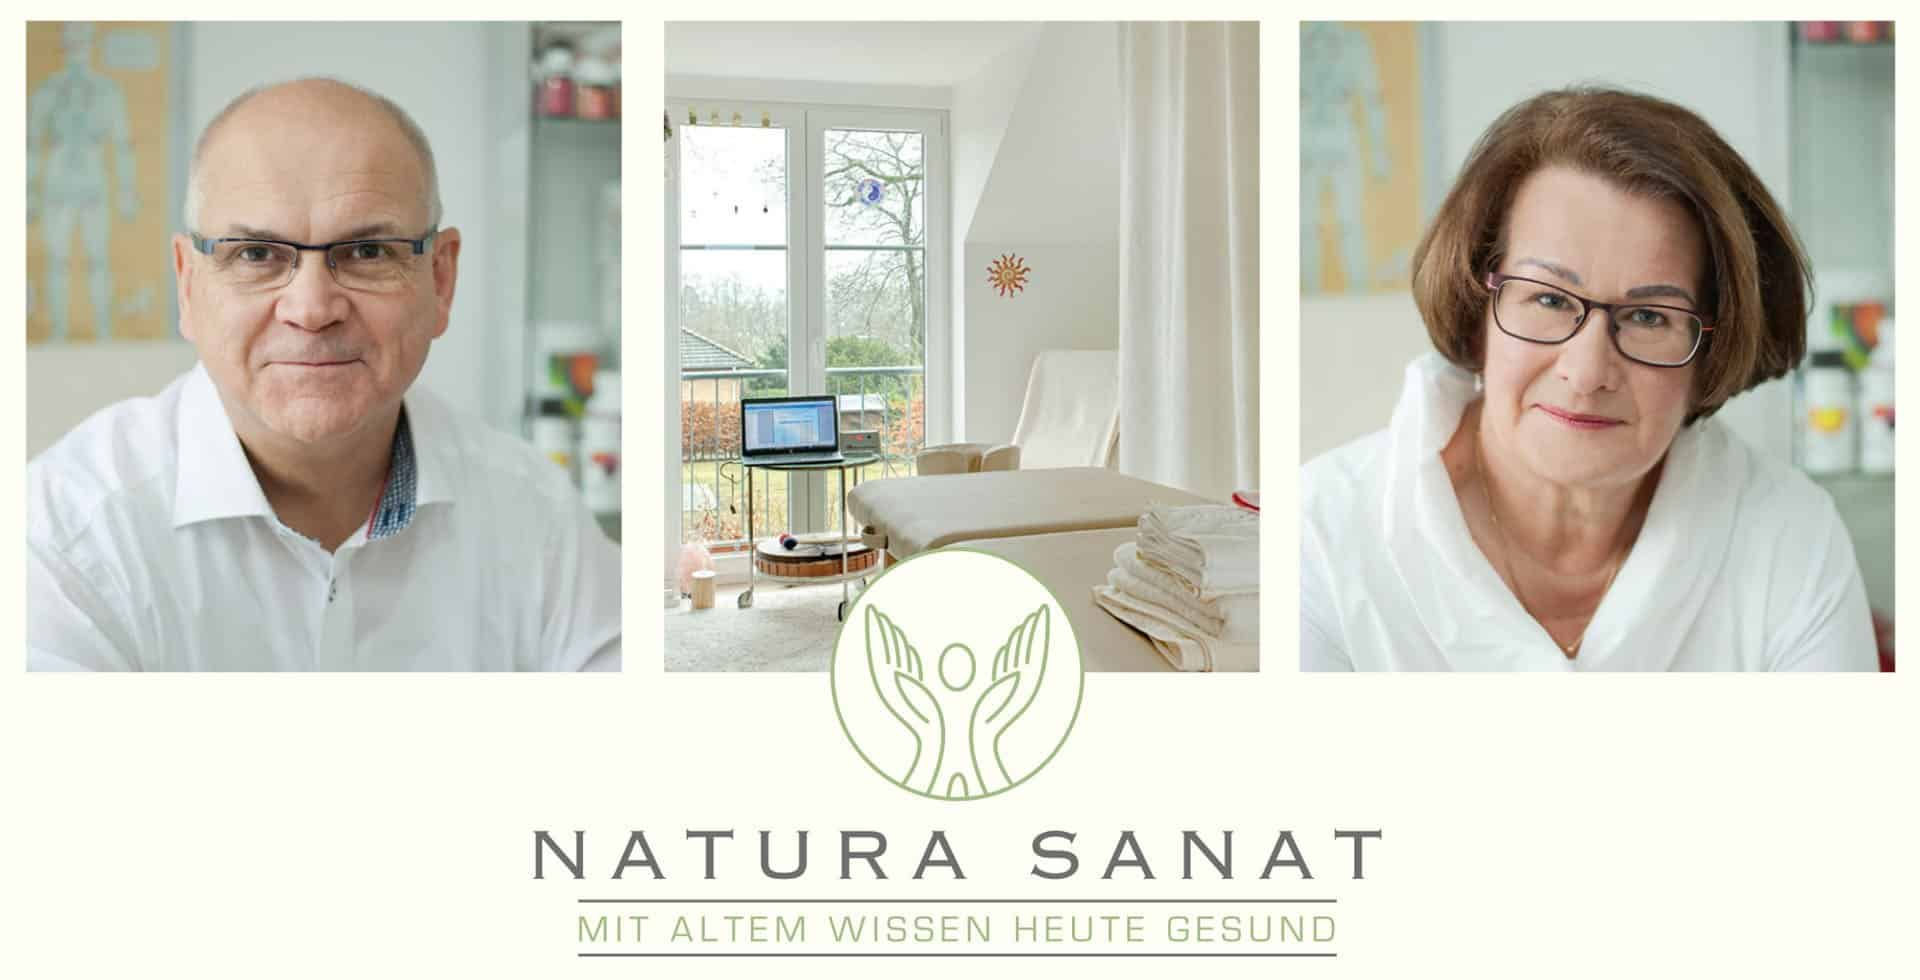 Naturheilkunde in der Nordheide – Natura Sanat